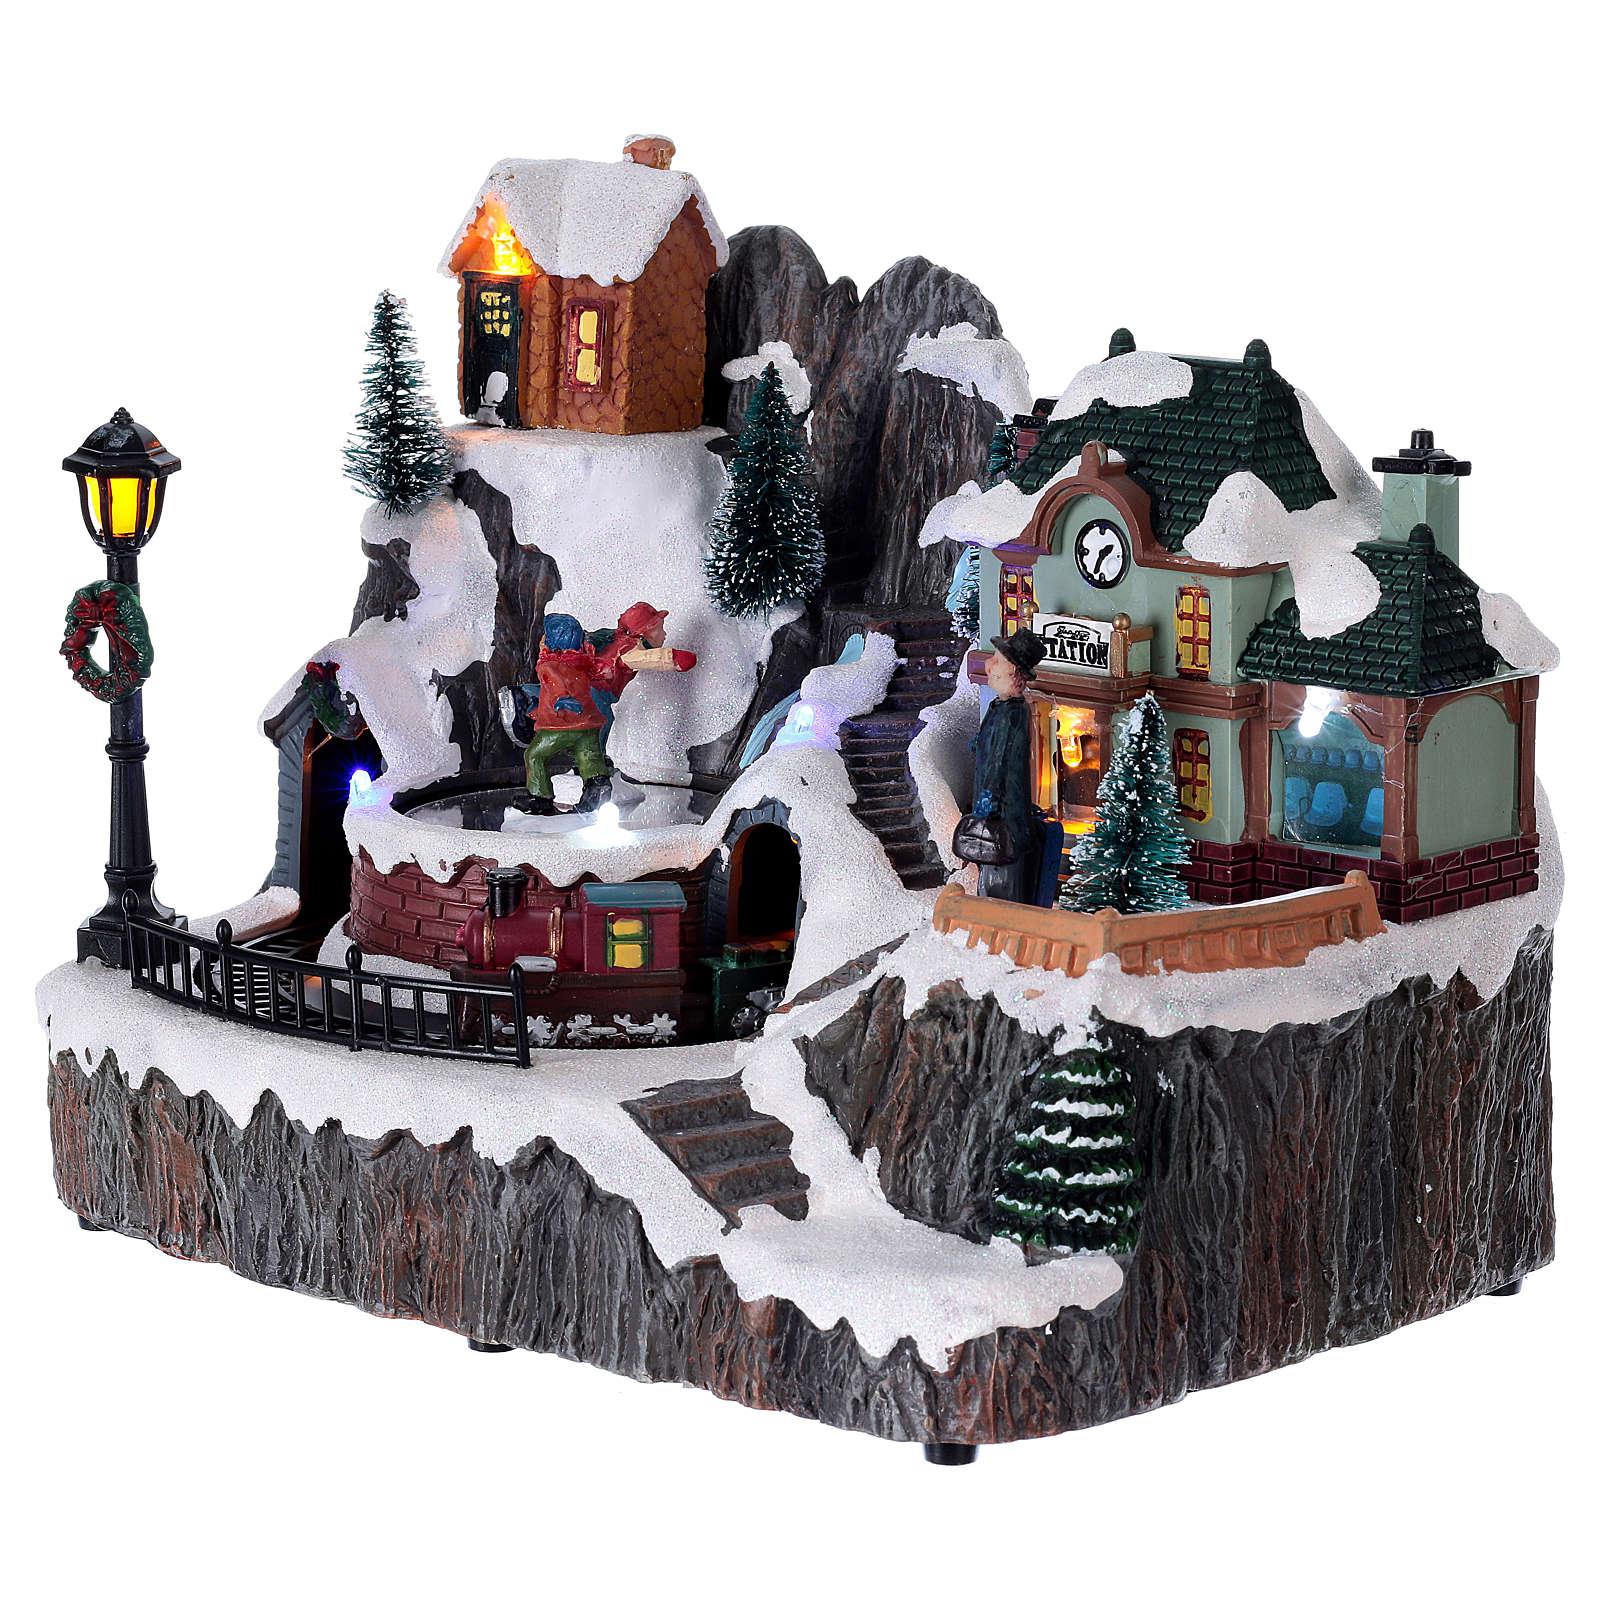 Villaggio natalizio luminoso stazione musica movimento 20x20x15 cm 3